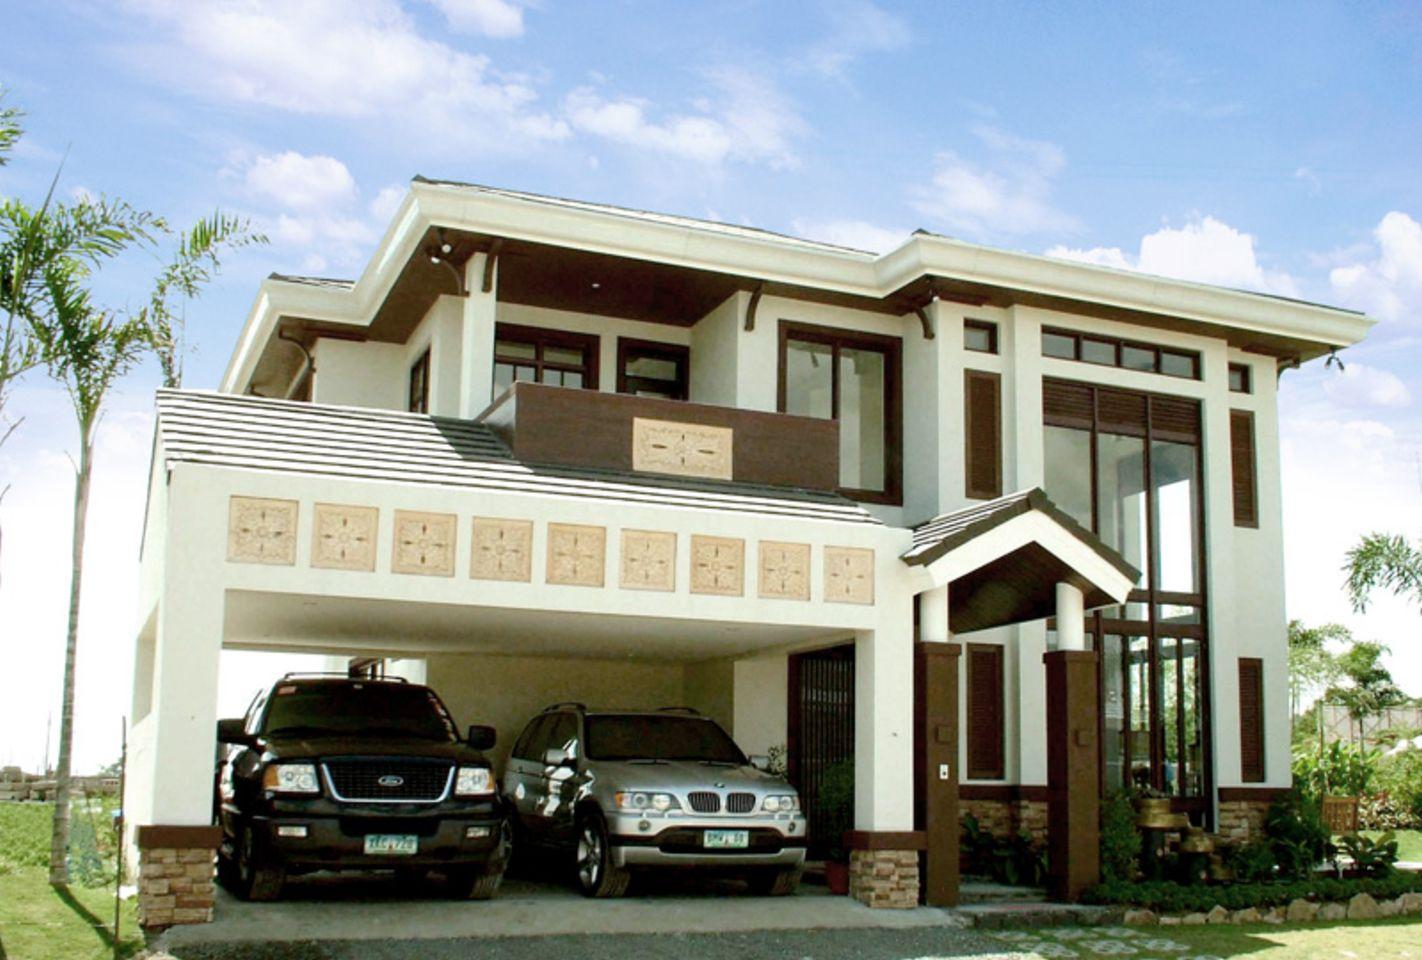 modelos de casas dise os de casas y fachadas modelos de